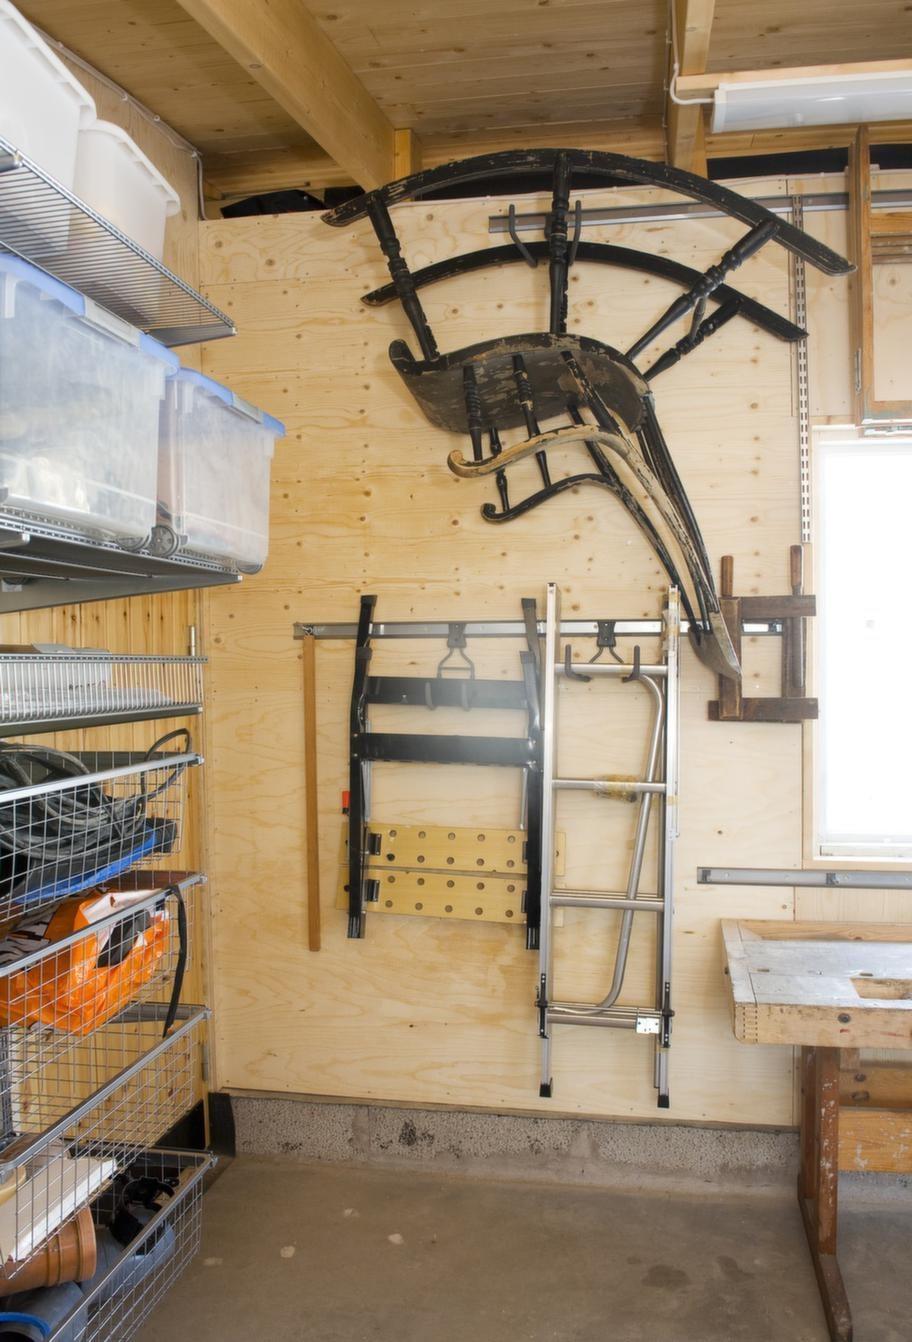 UTNYTTJA TAK &amp; VÄGGAR<br>Grova krokar för tyngre och otympliga föremål som gungstolar, stegar och annat lite mer utrymmeskrävande. I taket finns plats för långa plankor, skidor och annat som man kanske inte använder så ofta.